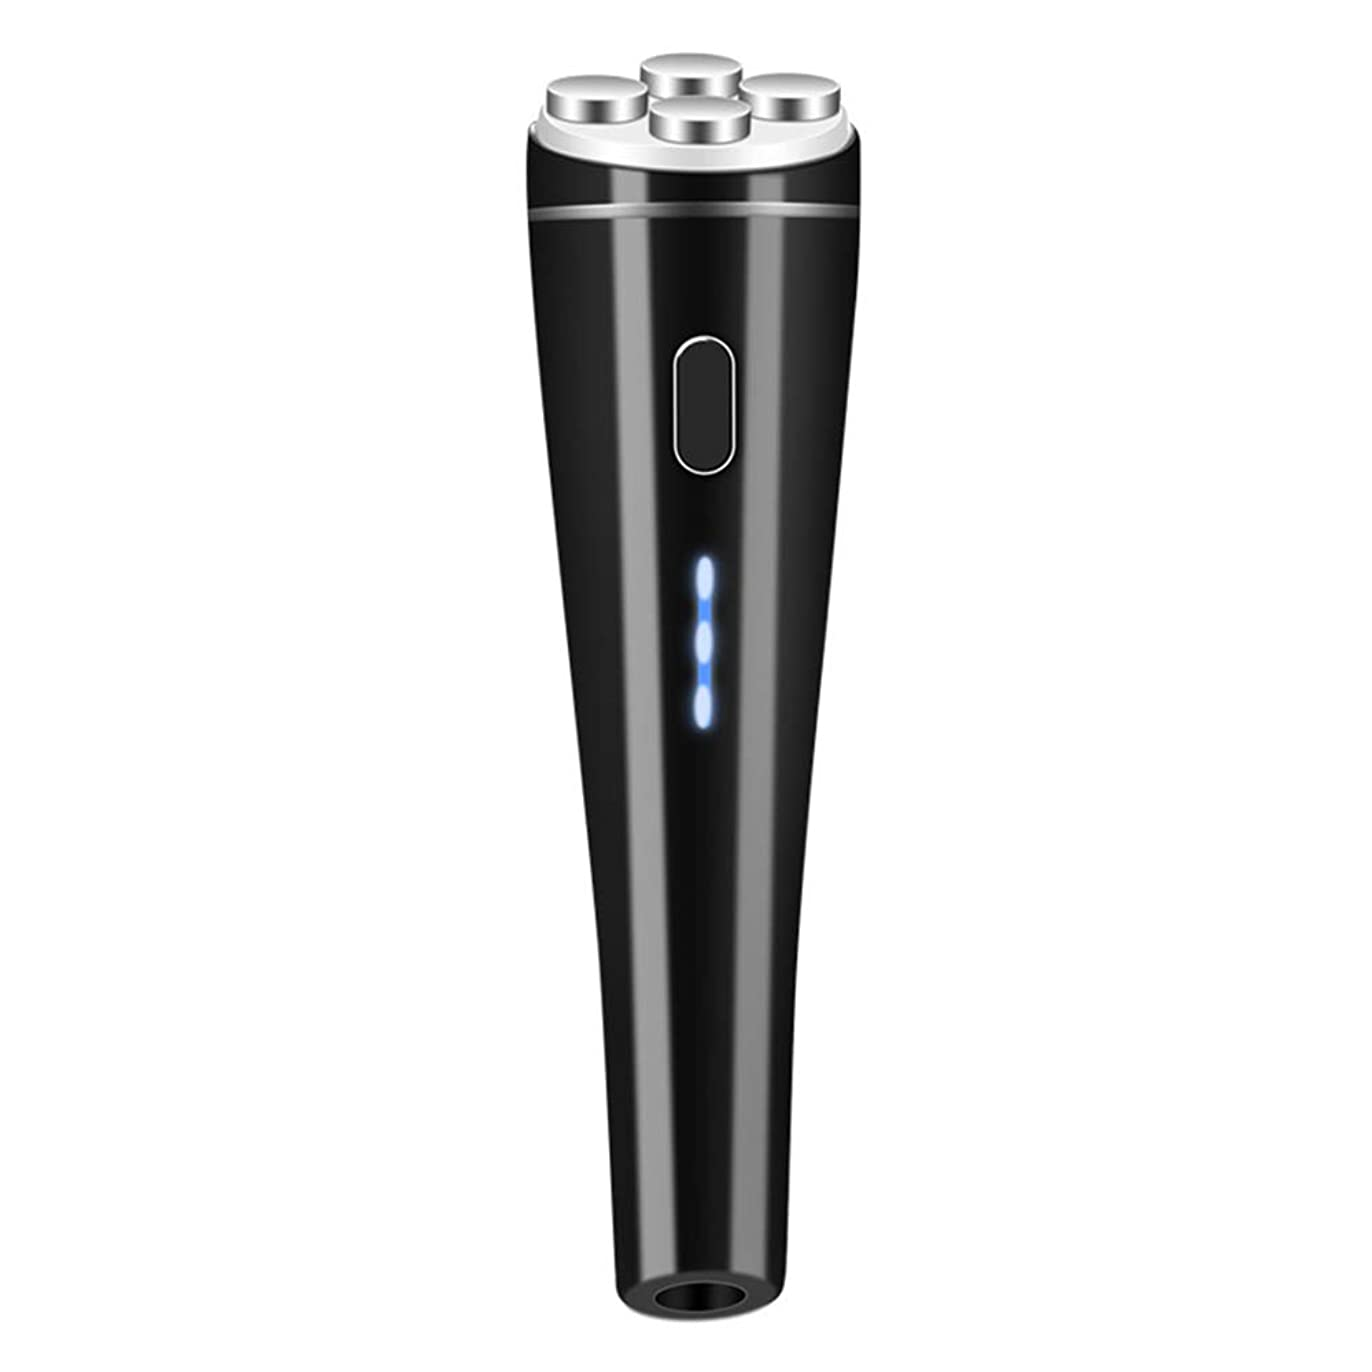 製造くちばし話をする家庭用EMSエレクトロポレーションカラー美容器具、マイクロ電流振動マッサージ器具、顔のRF皮膚美容